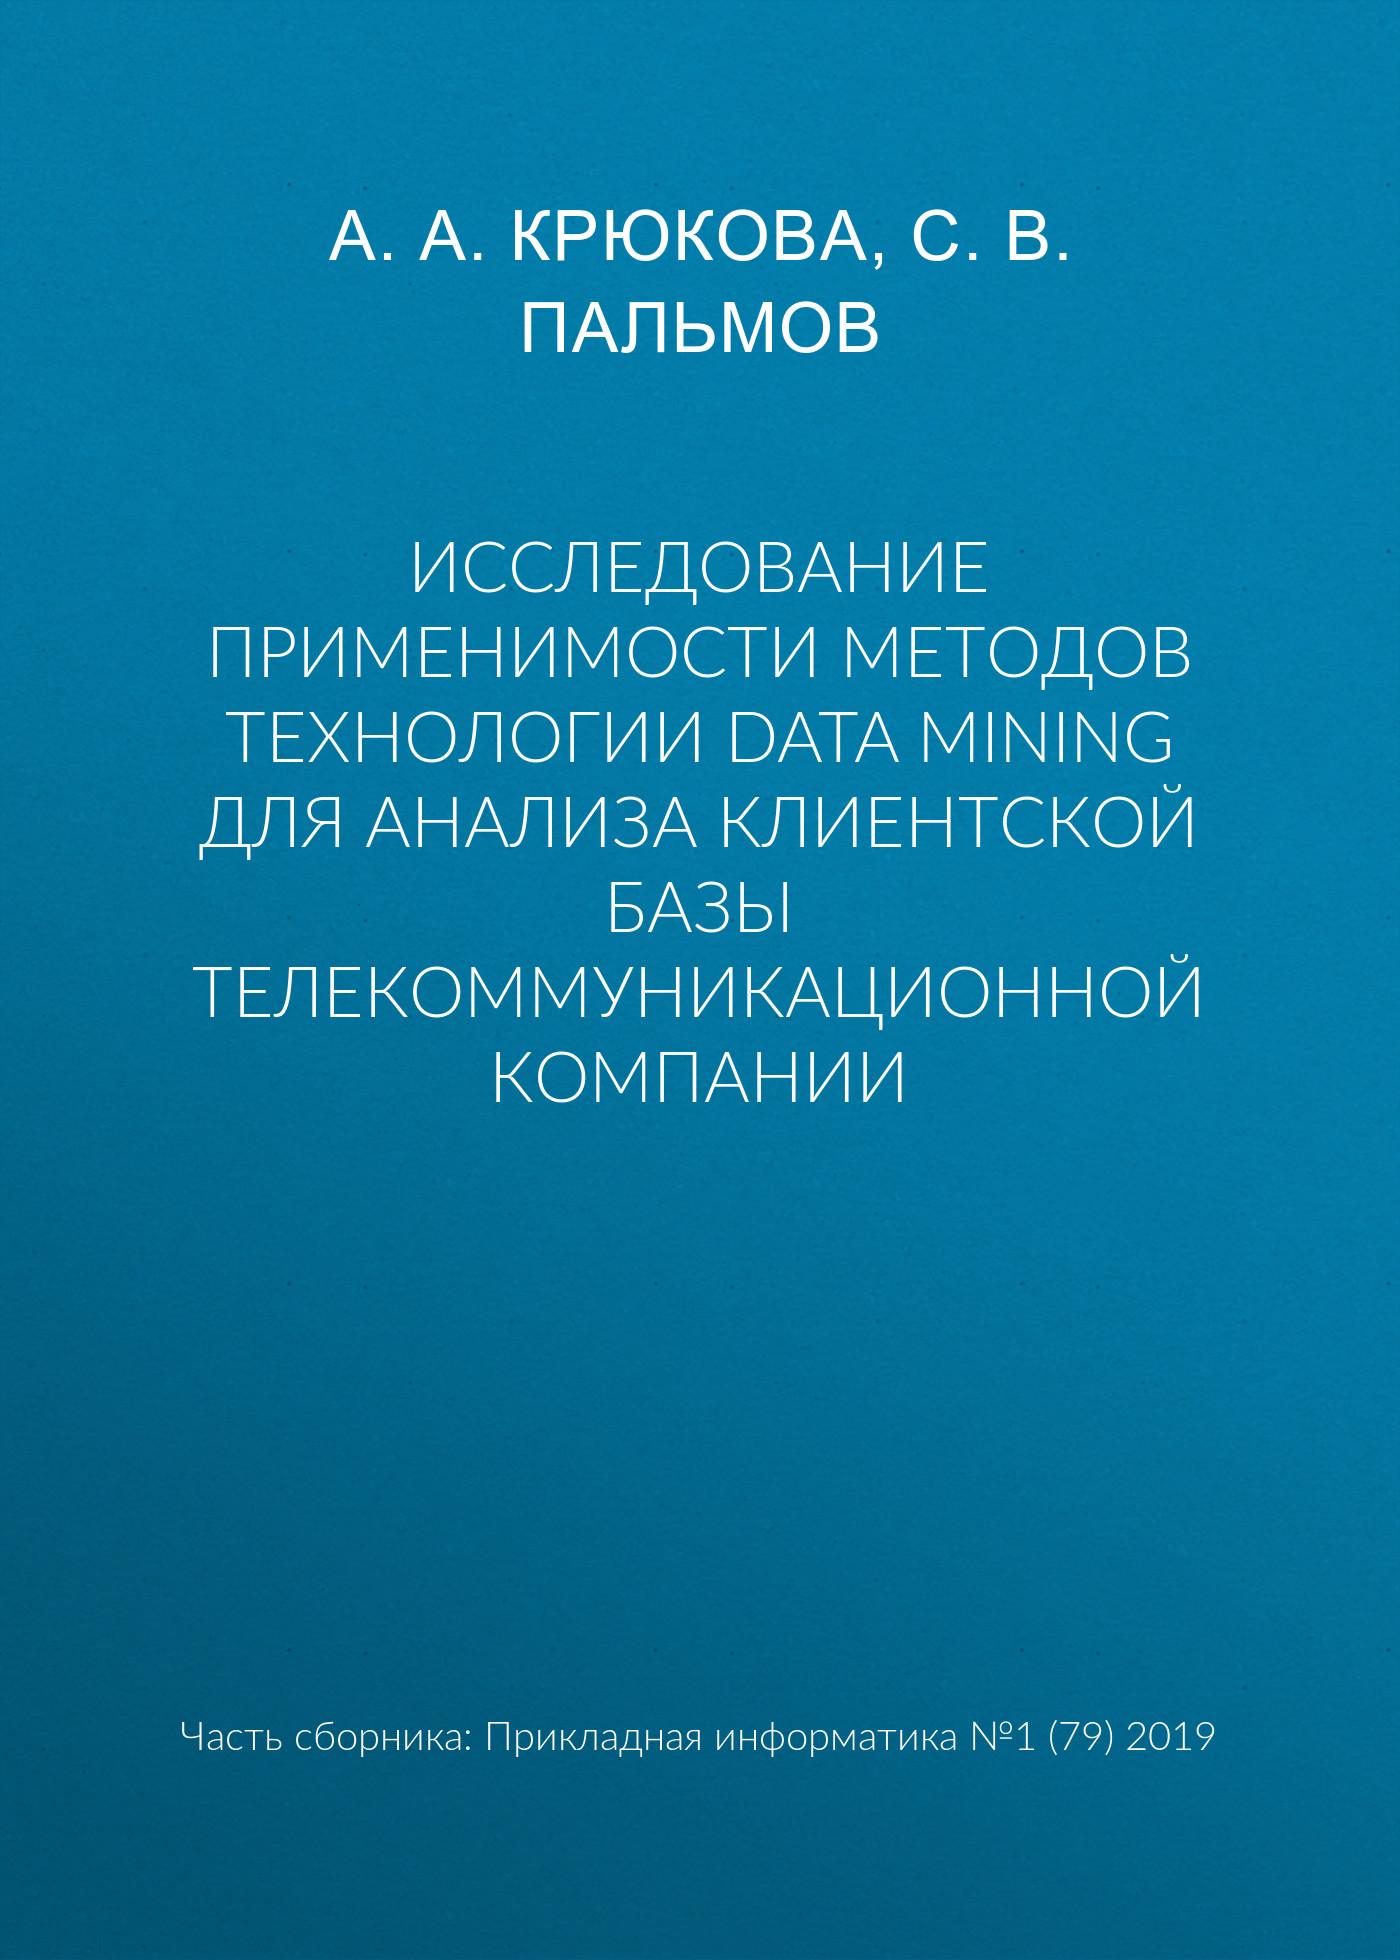 А. А. Крюкова Исследование применимости методов технологии Data Mining для анализа клиентской базы телекоммуникационной компании